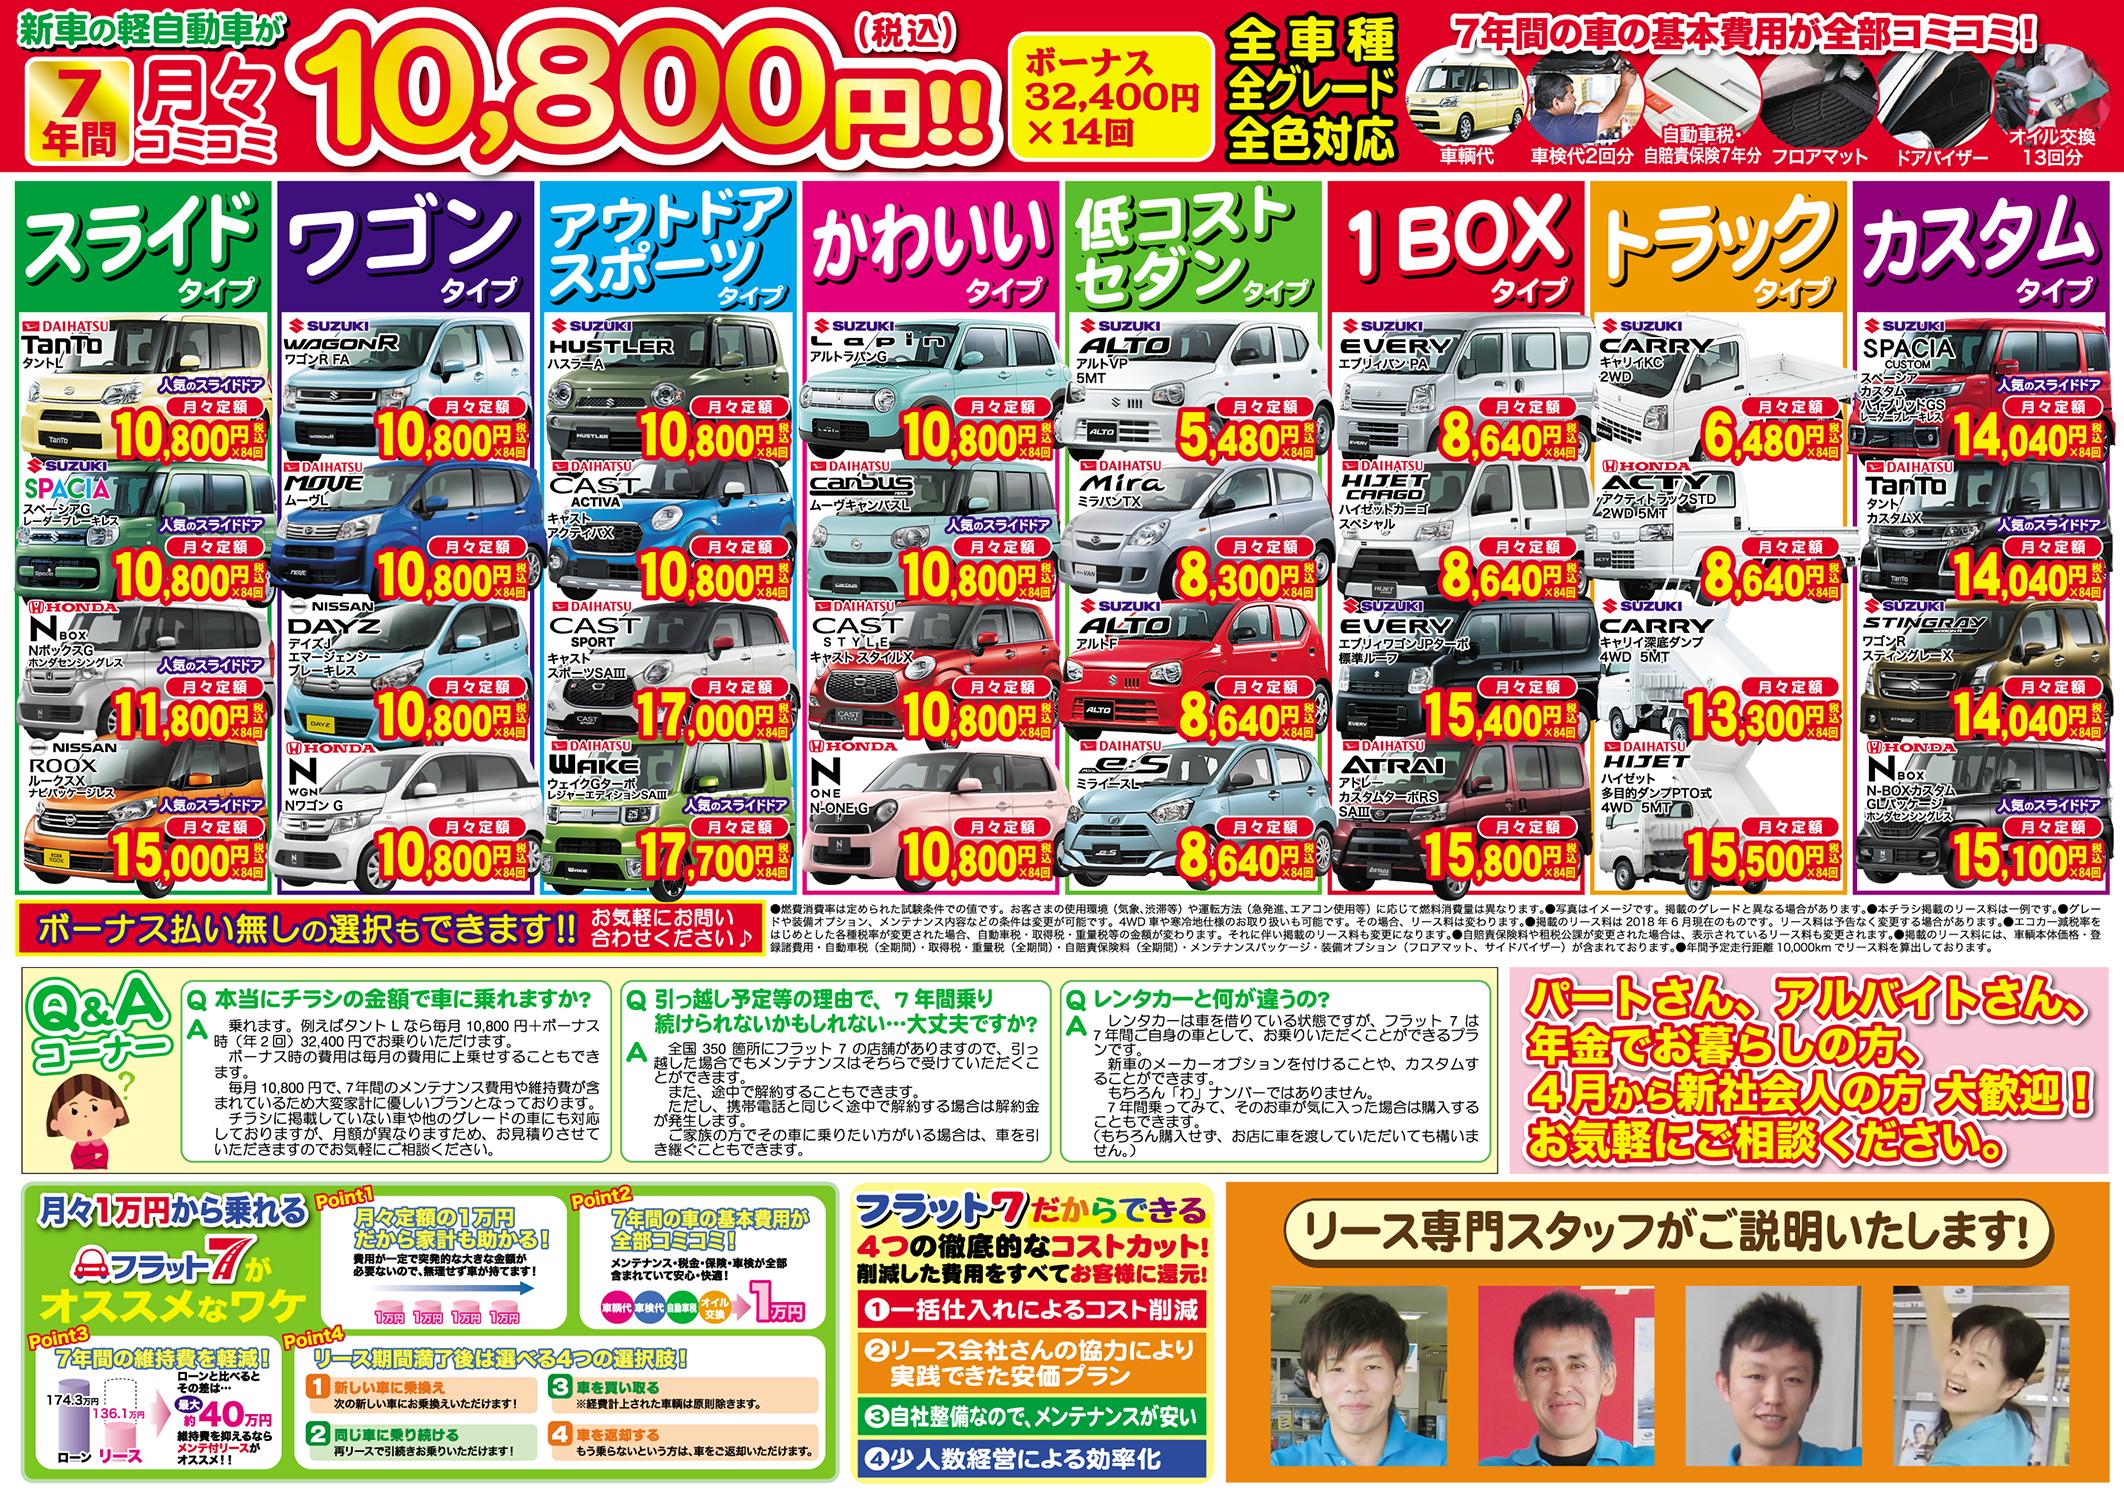 解決!月収15万円からの理想の新車探しフェア!